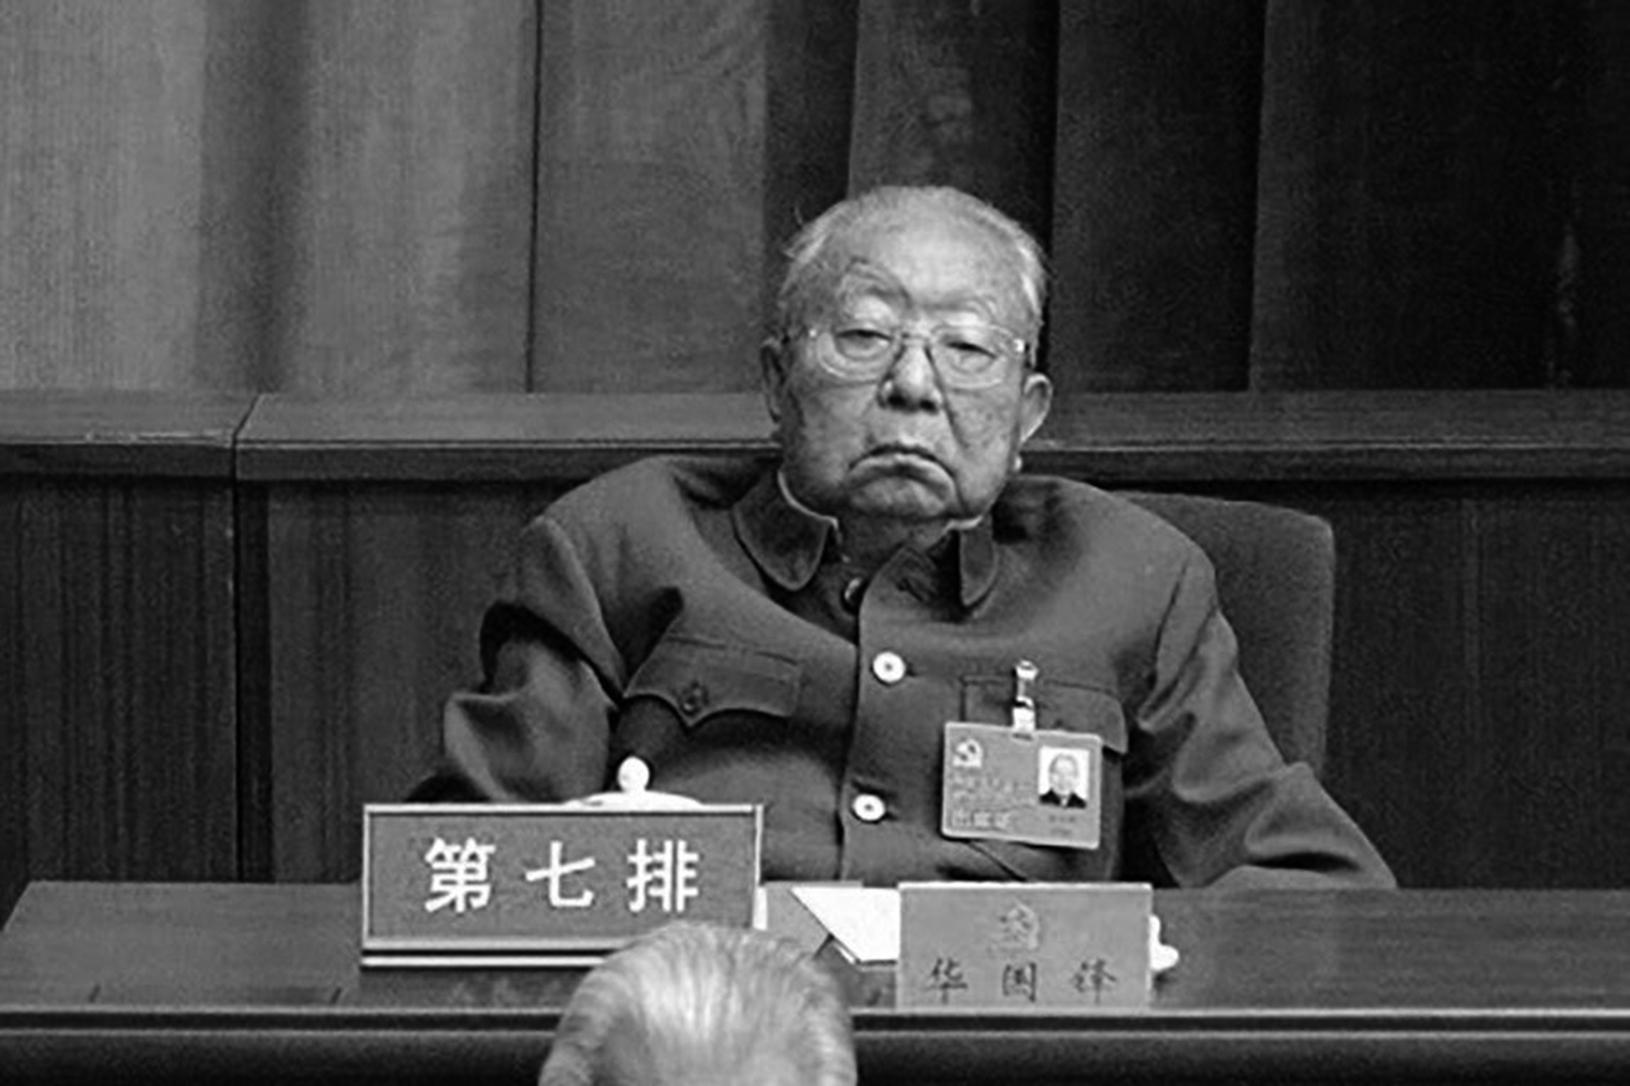 華國鋒(圖)曾擔任中共中央主席、中央軍委主席、國務院總理等職務。1980年後,由於跟鄧小平的激烈衝突,華國鋒被迫離開了中共權力核心。(GOH CHAI HIN/AFP/Getty Images)